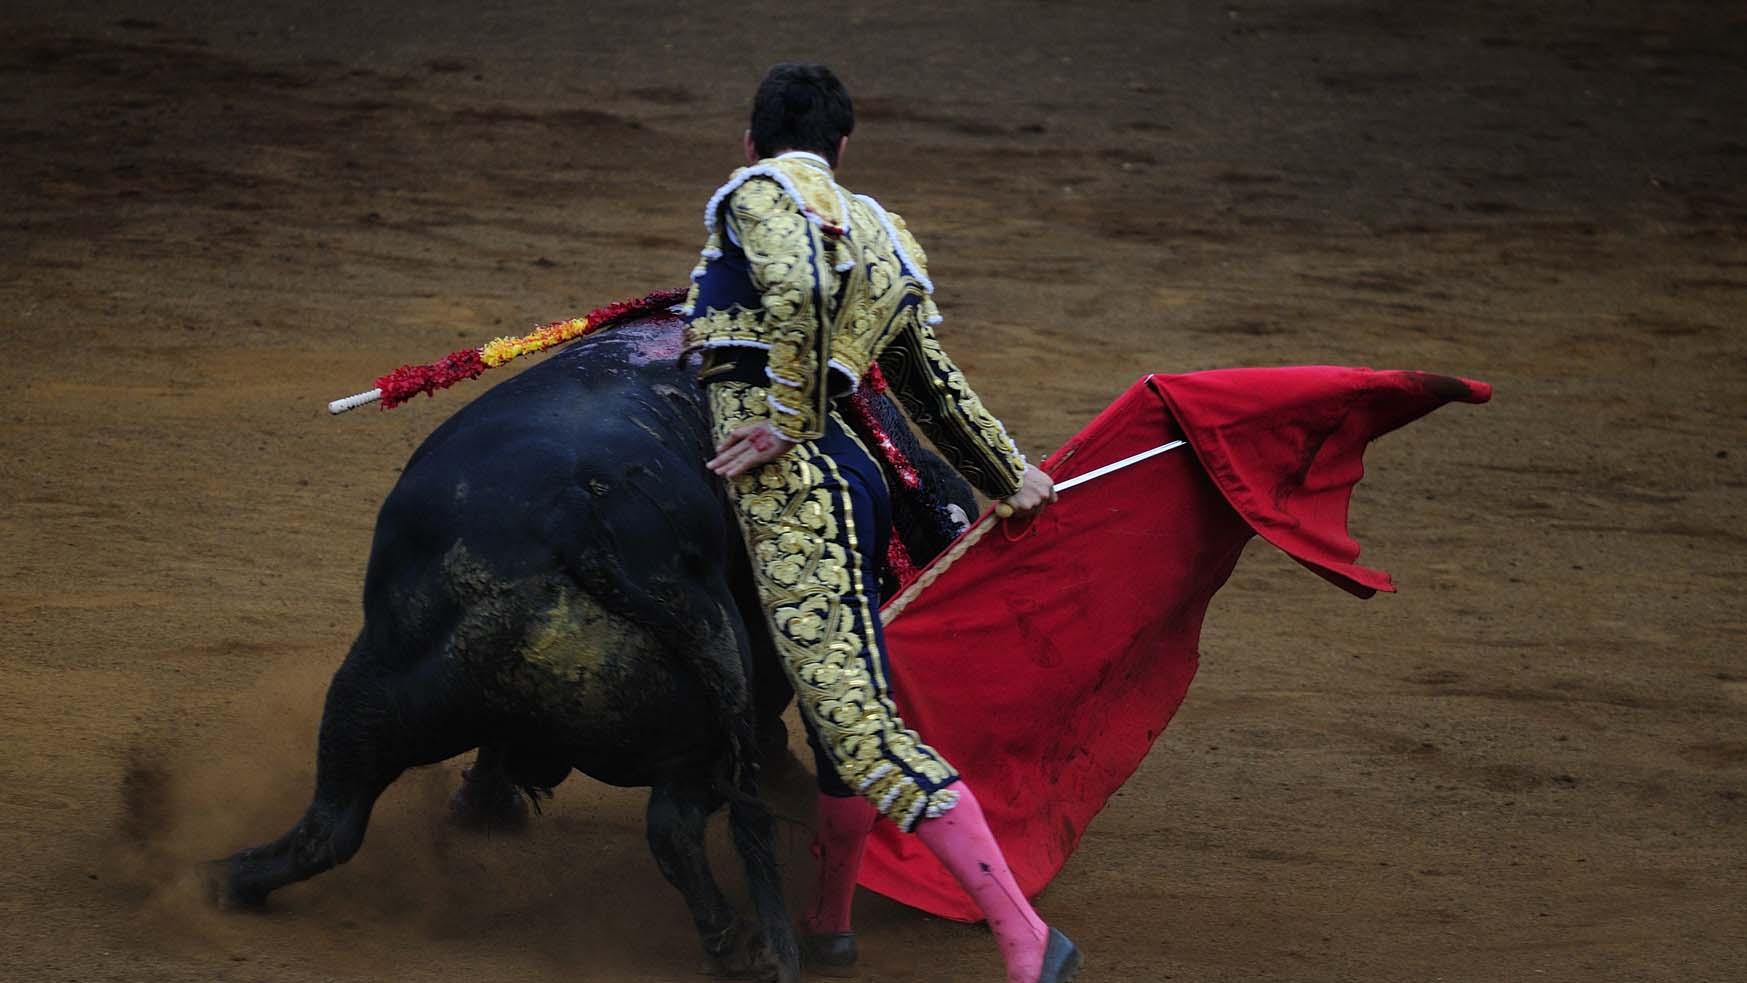 También se estableció quetanto astados como los toreros deberán superar un test de antidopaje para participar en las corridas